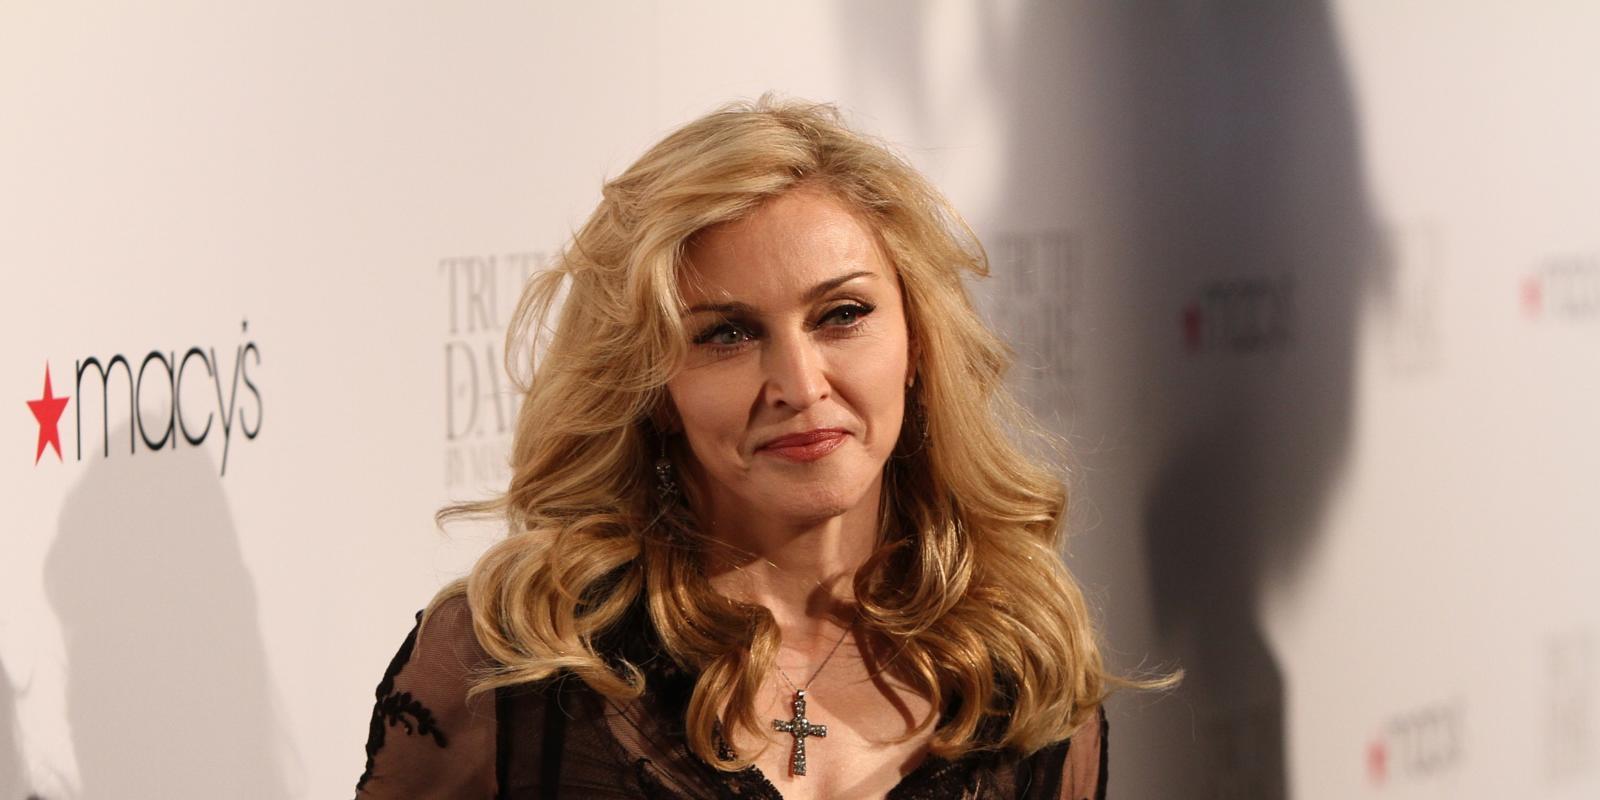 Madonna a plans pe scena, dupa ce a pierdut custodia baiatului ei